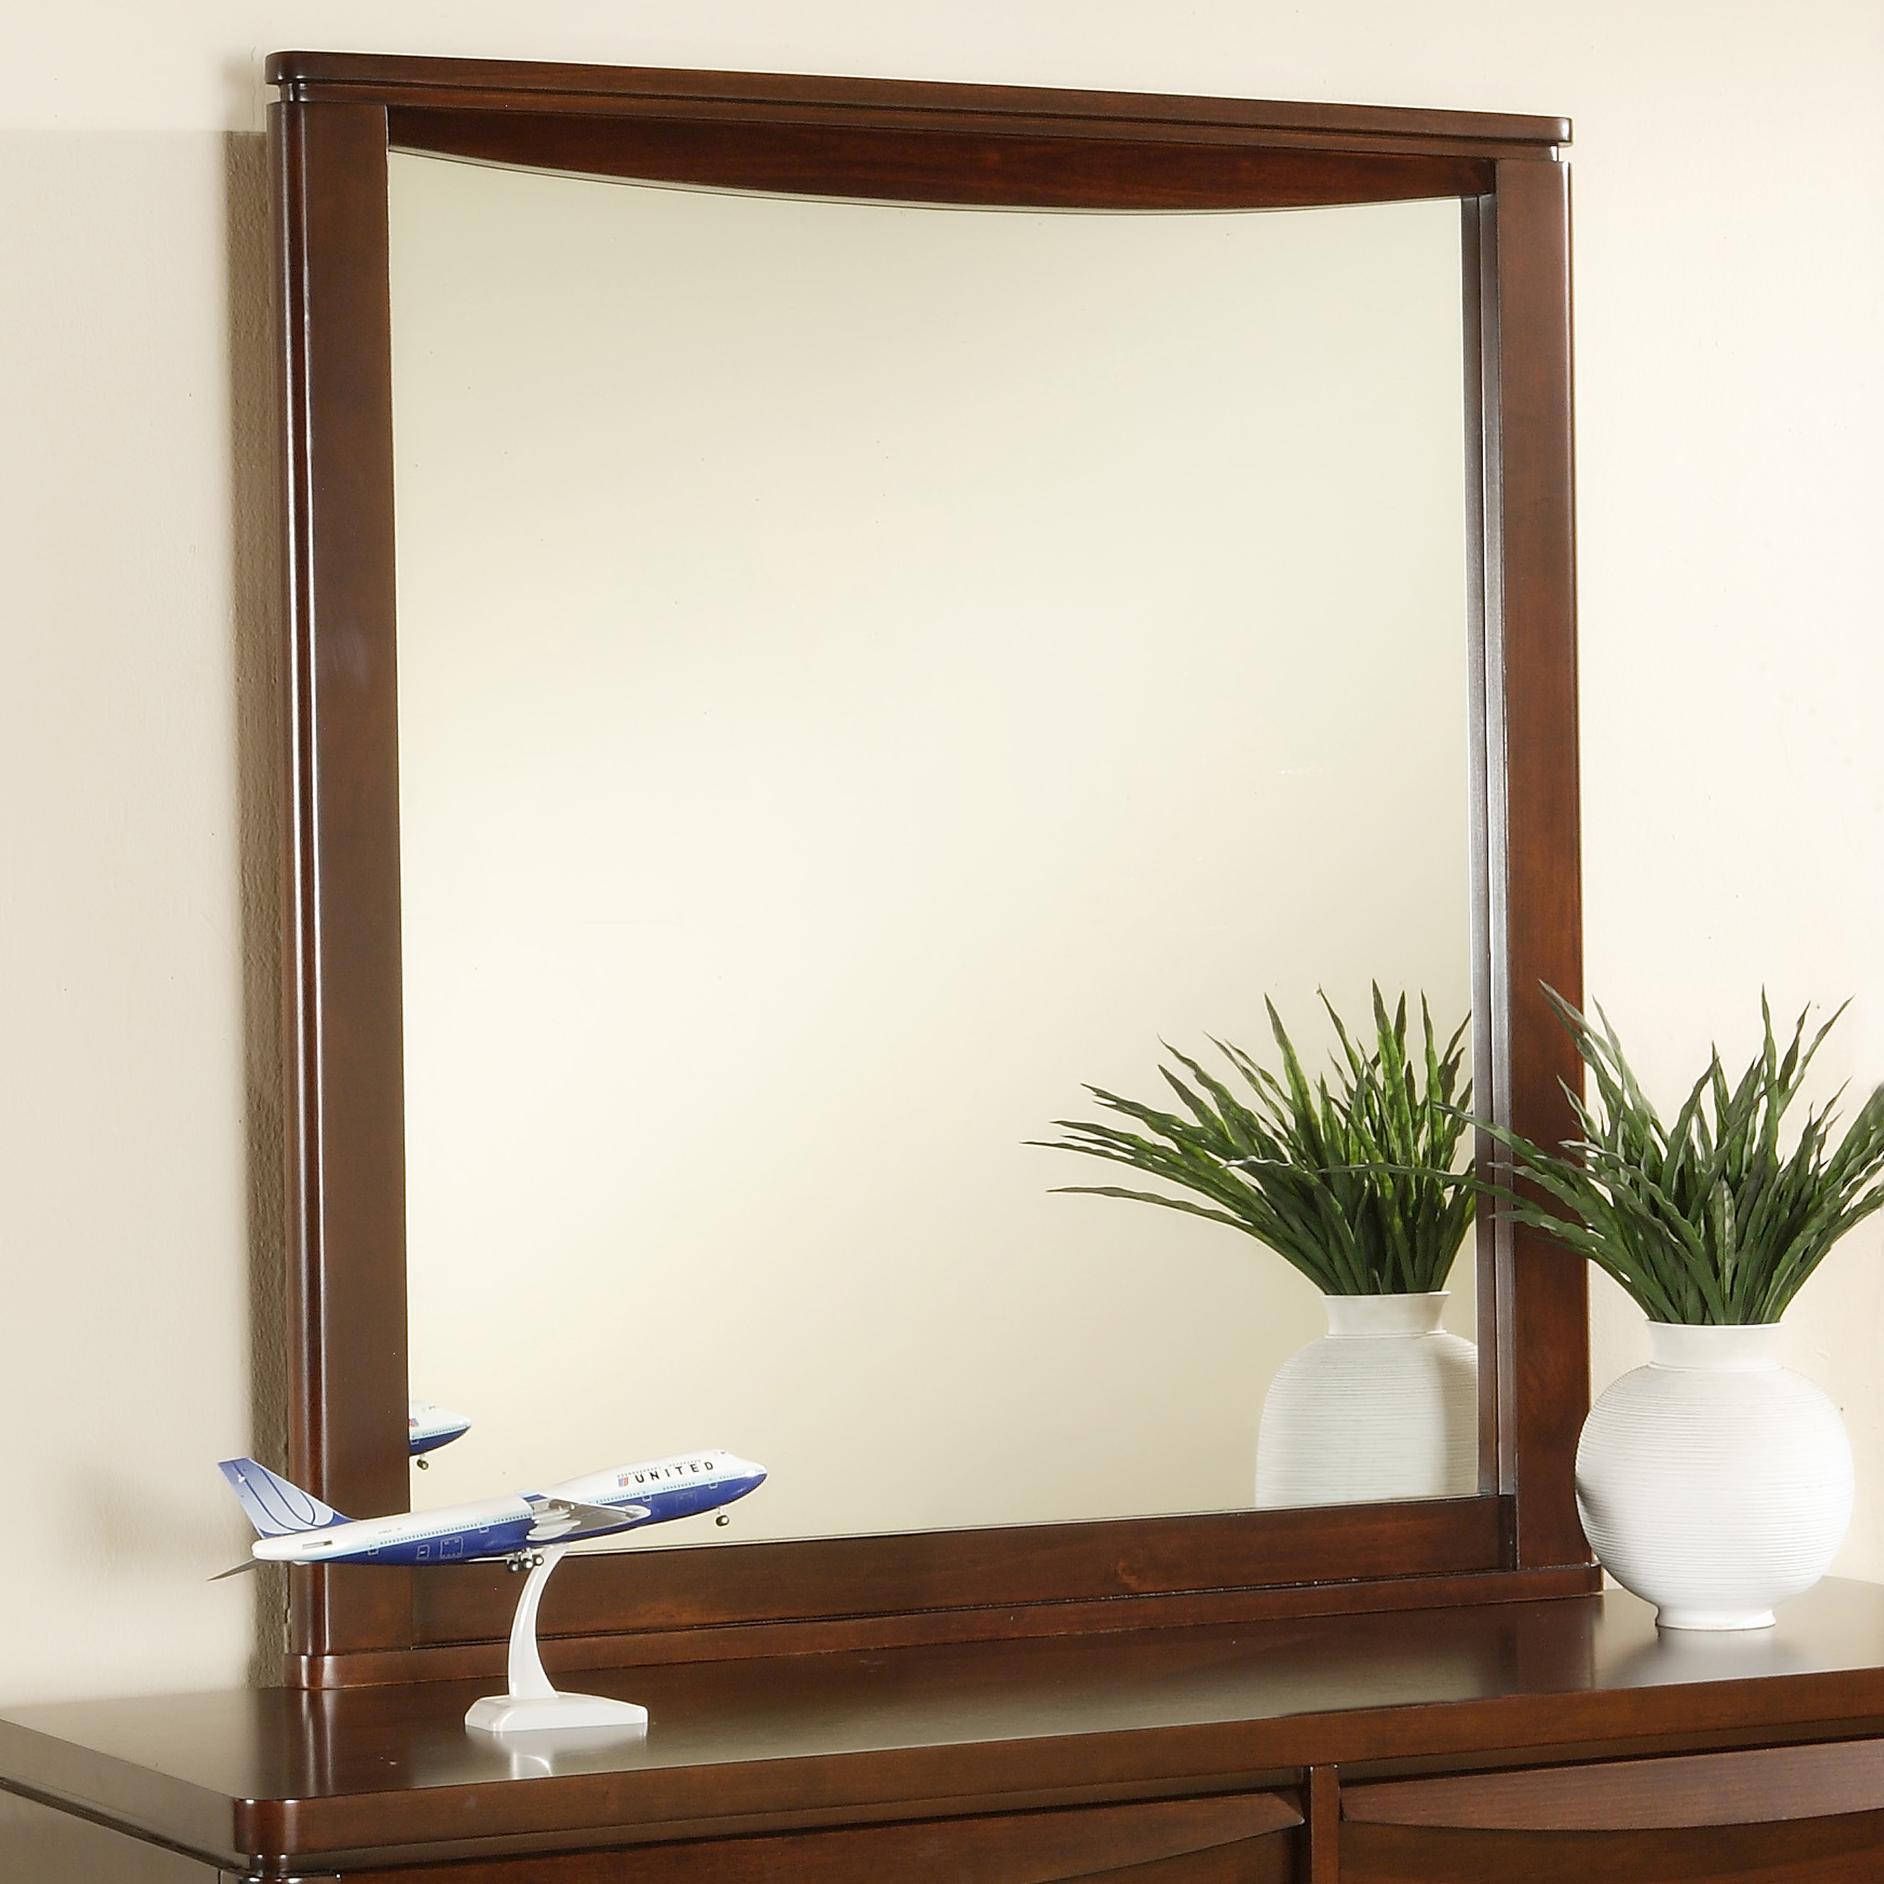 Morris Home Furnishings Granada Granada Mirror - Item Number: 2260-02